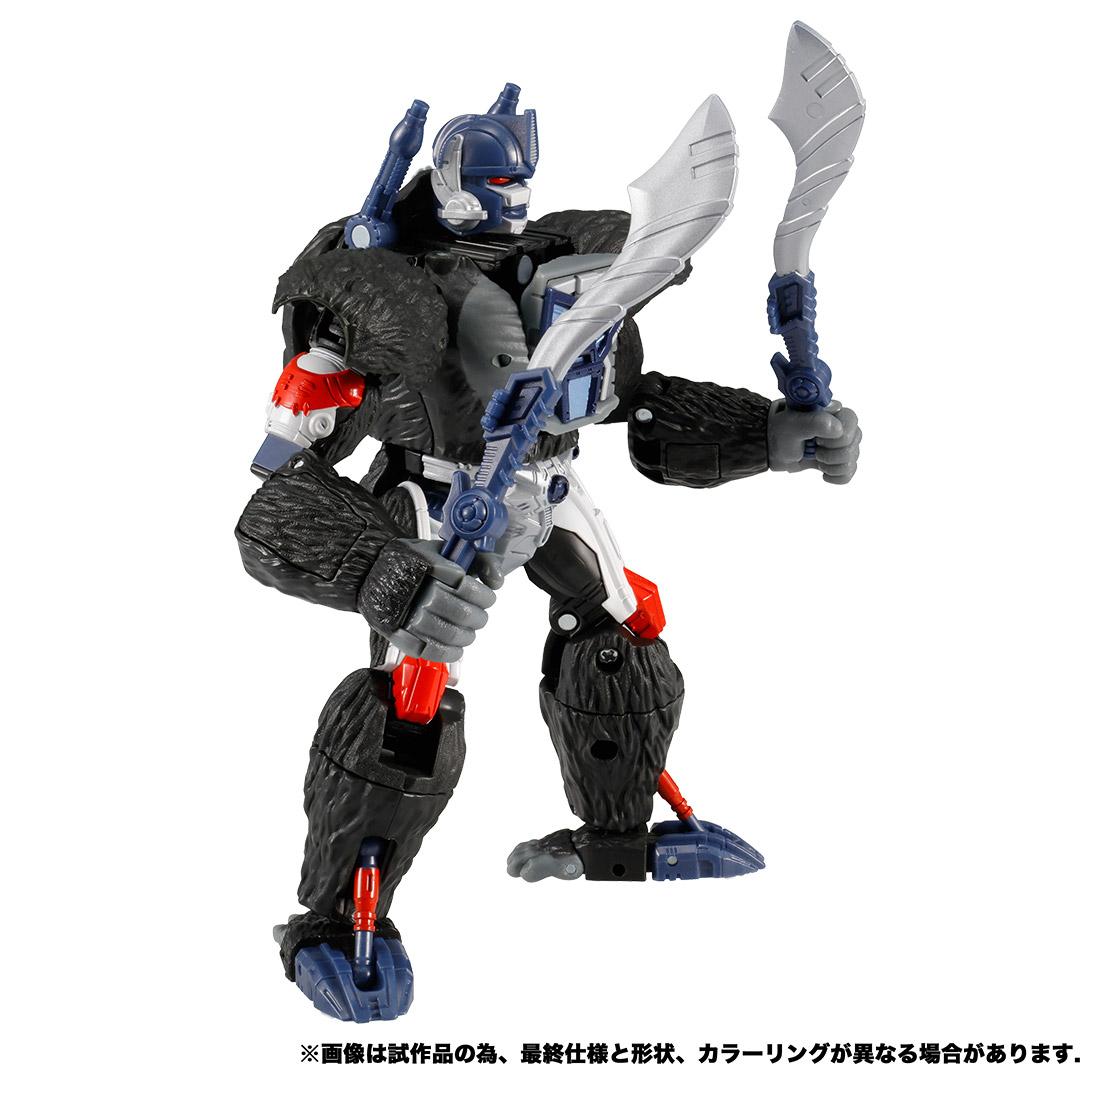 トランスフォーマー キングダム『KD-01 オプティマスプライマル』ビーストウォーズ 可変可動フィギュア-005